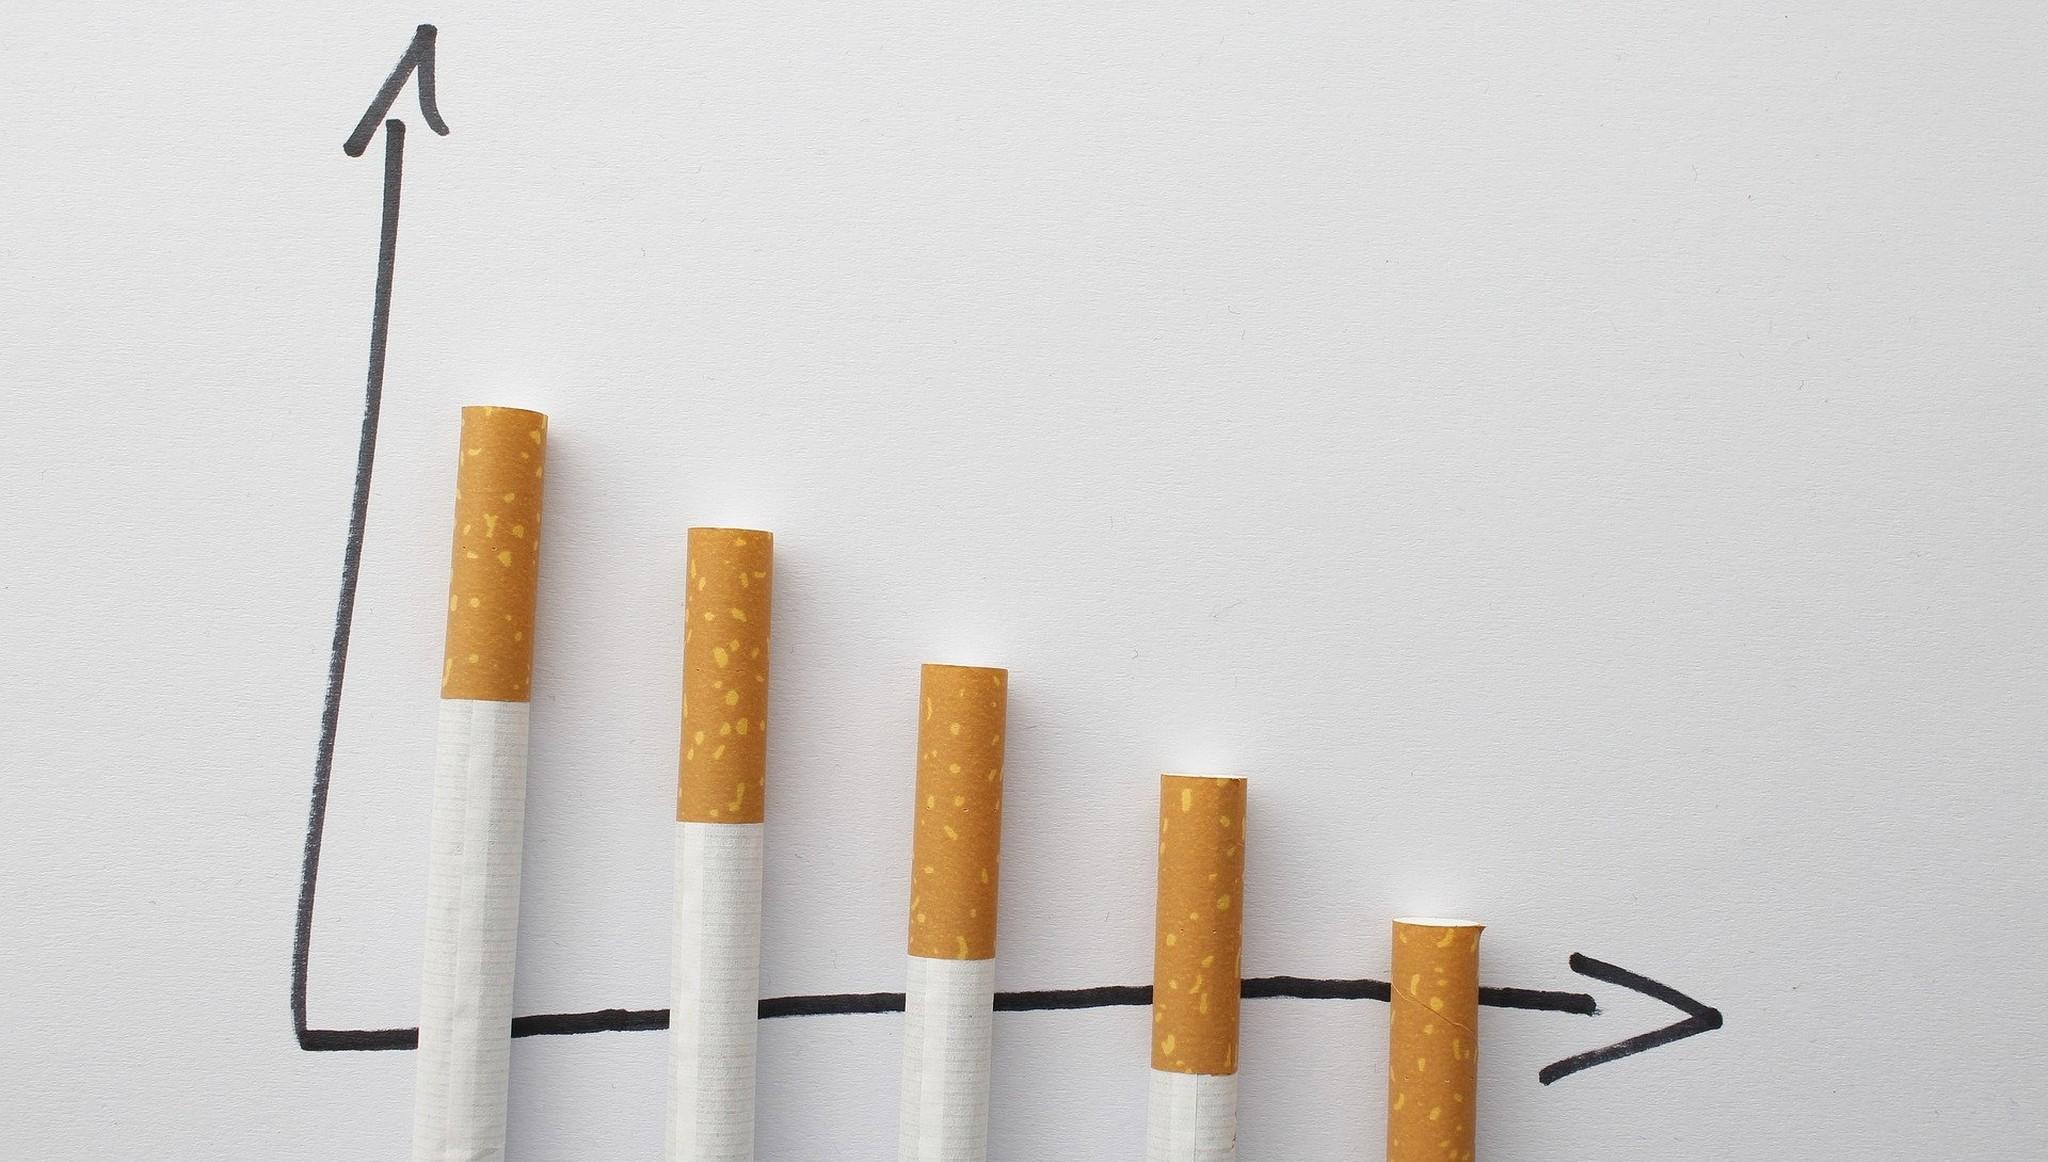 В России могут запретить ароматизаторы для сигарет и вейпов - новости Афанасий